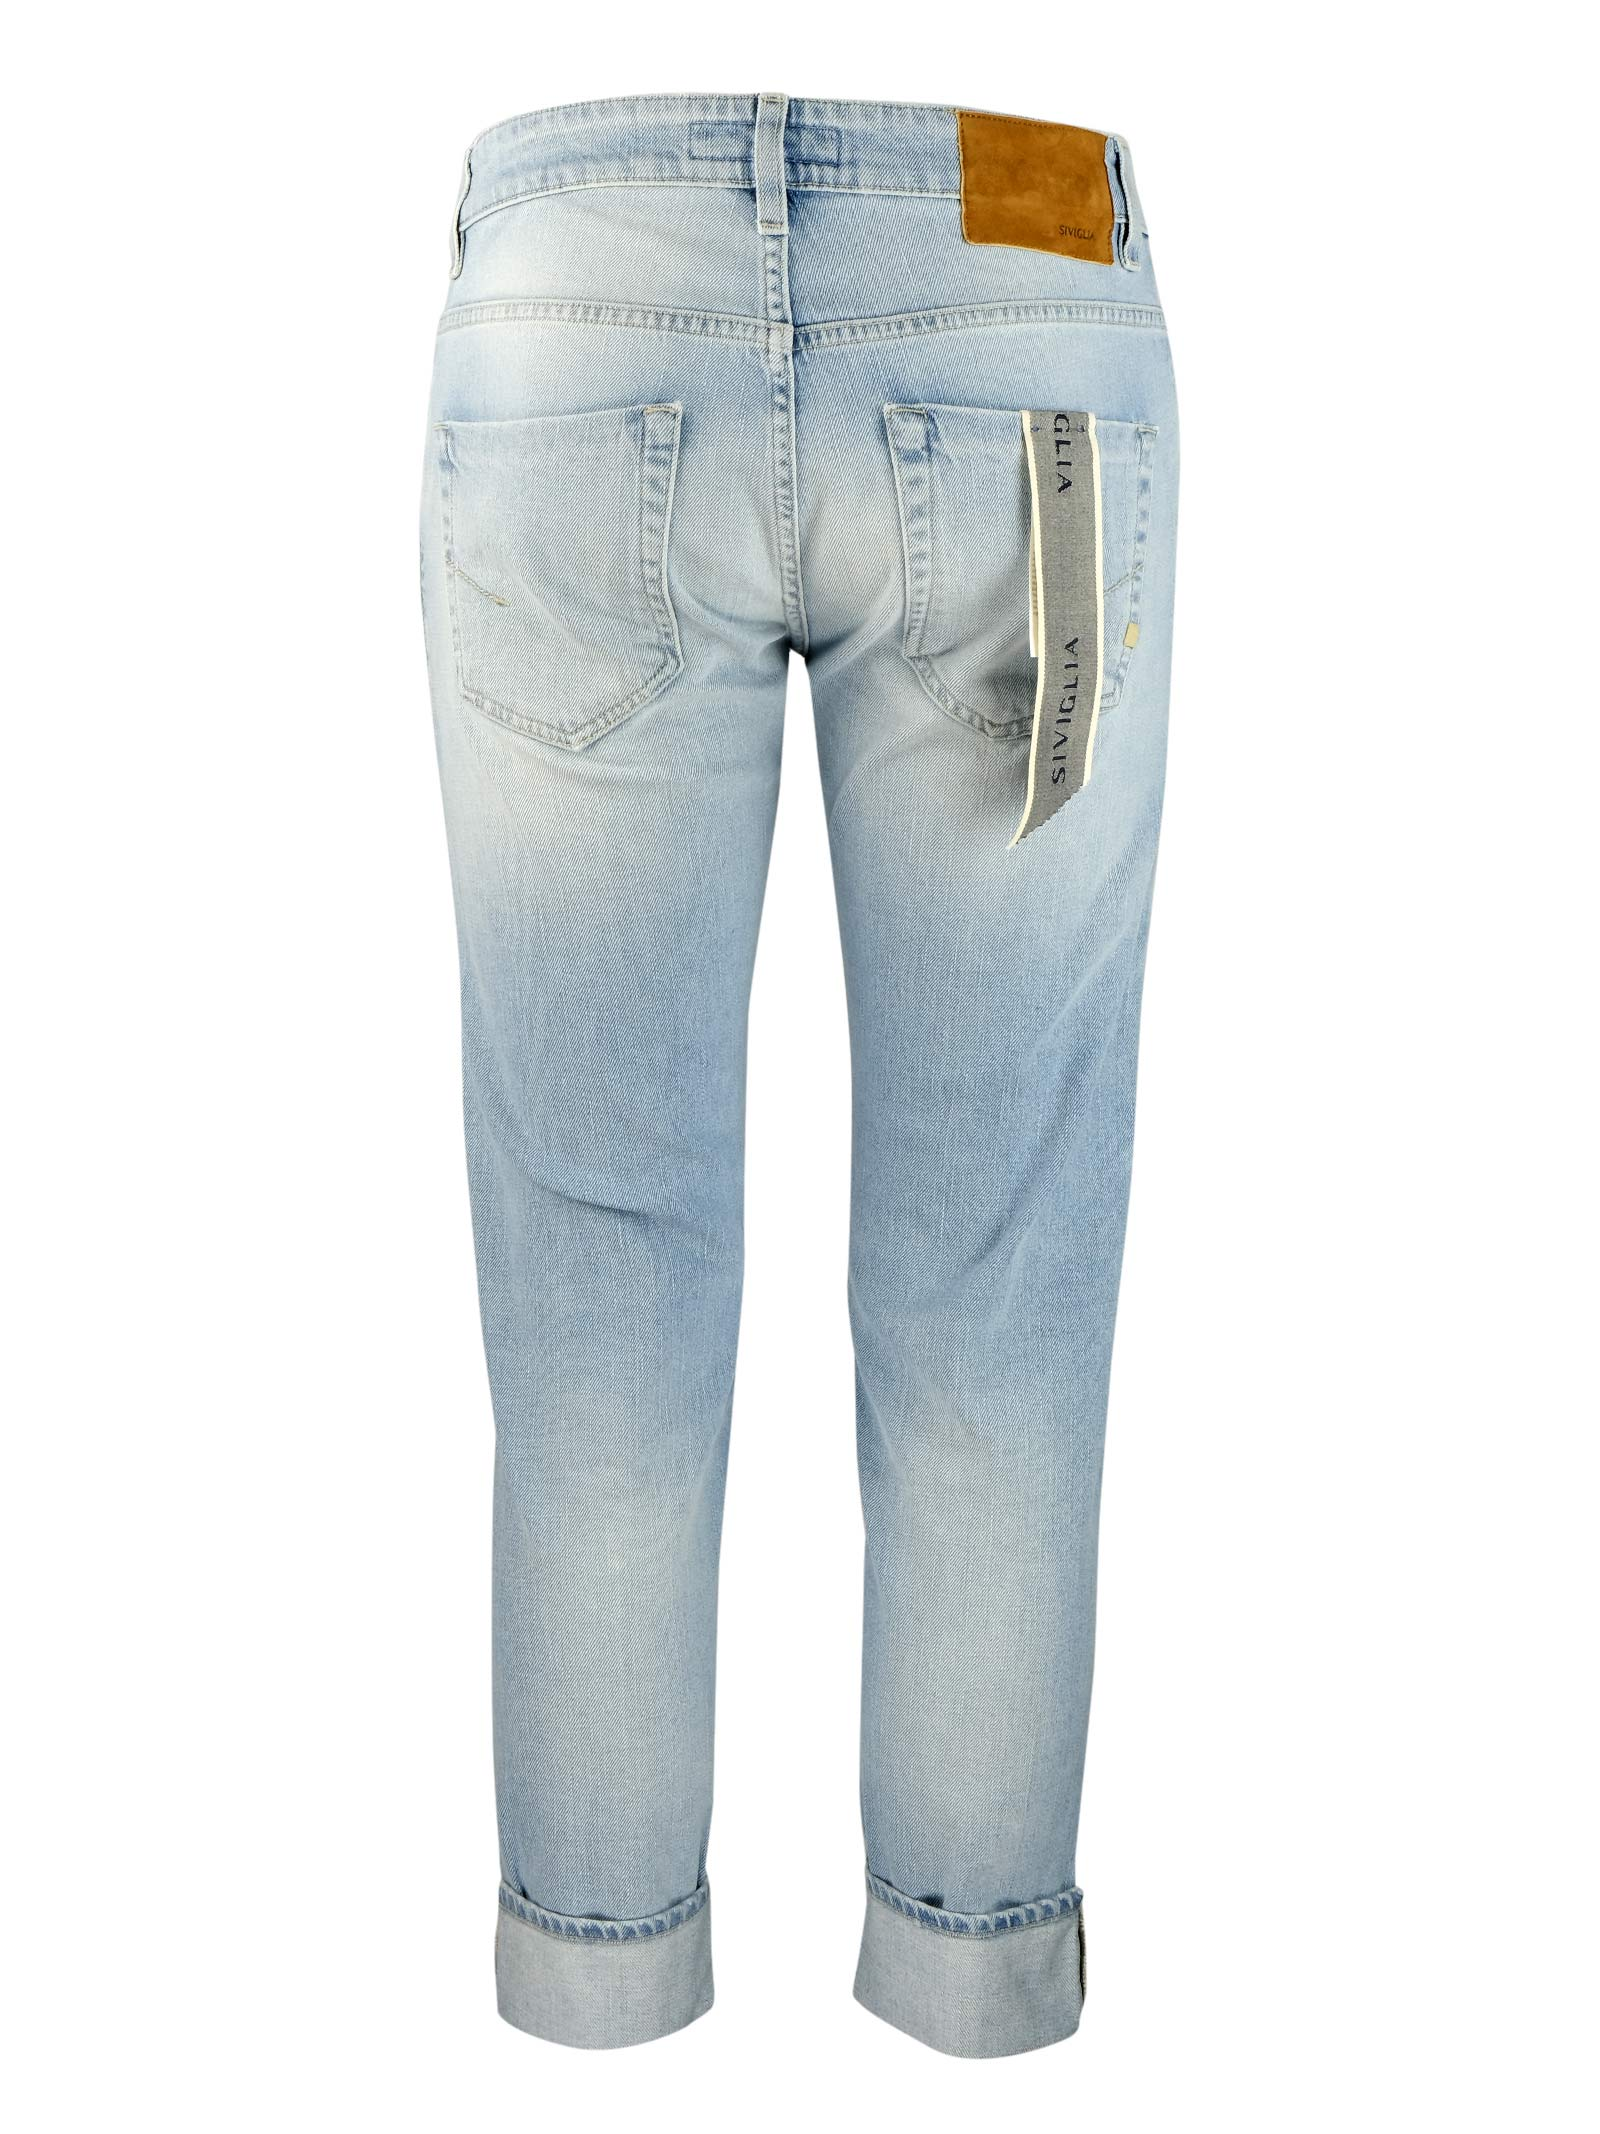 Jeans 10 once lavaggio chiaro SIVIGLIA | Pantaloni | MQ2001 801106003